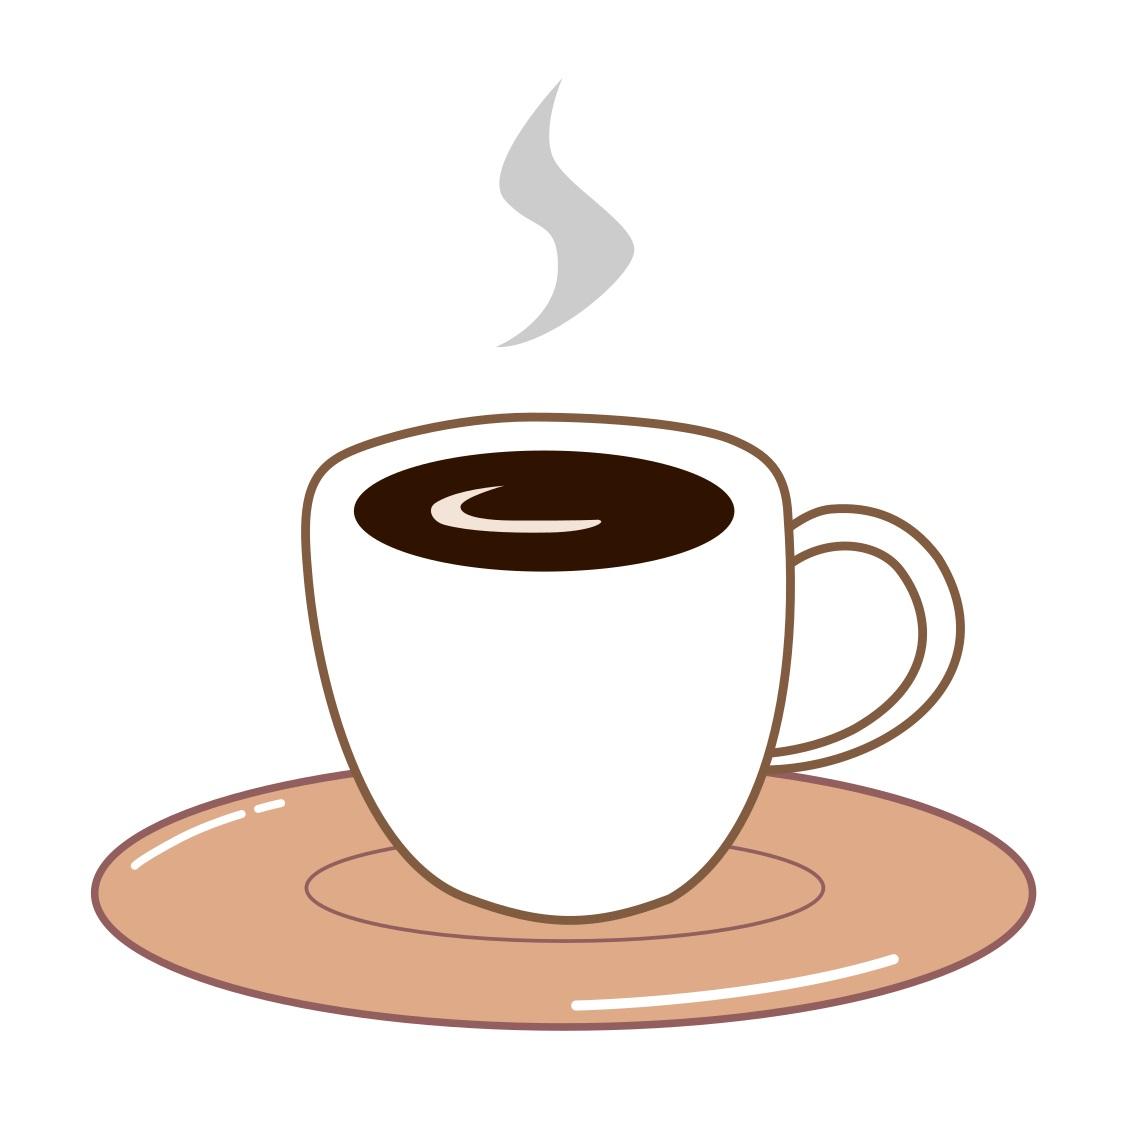 中学生ワイ、初めてのコーヒー